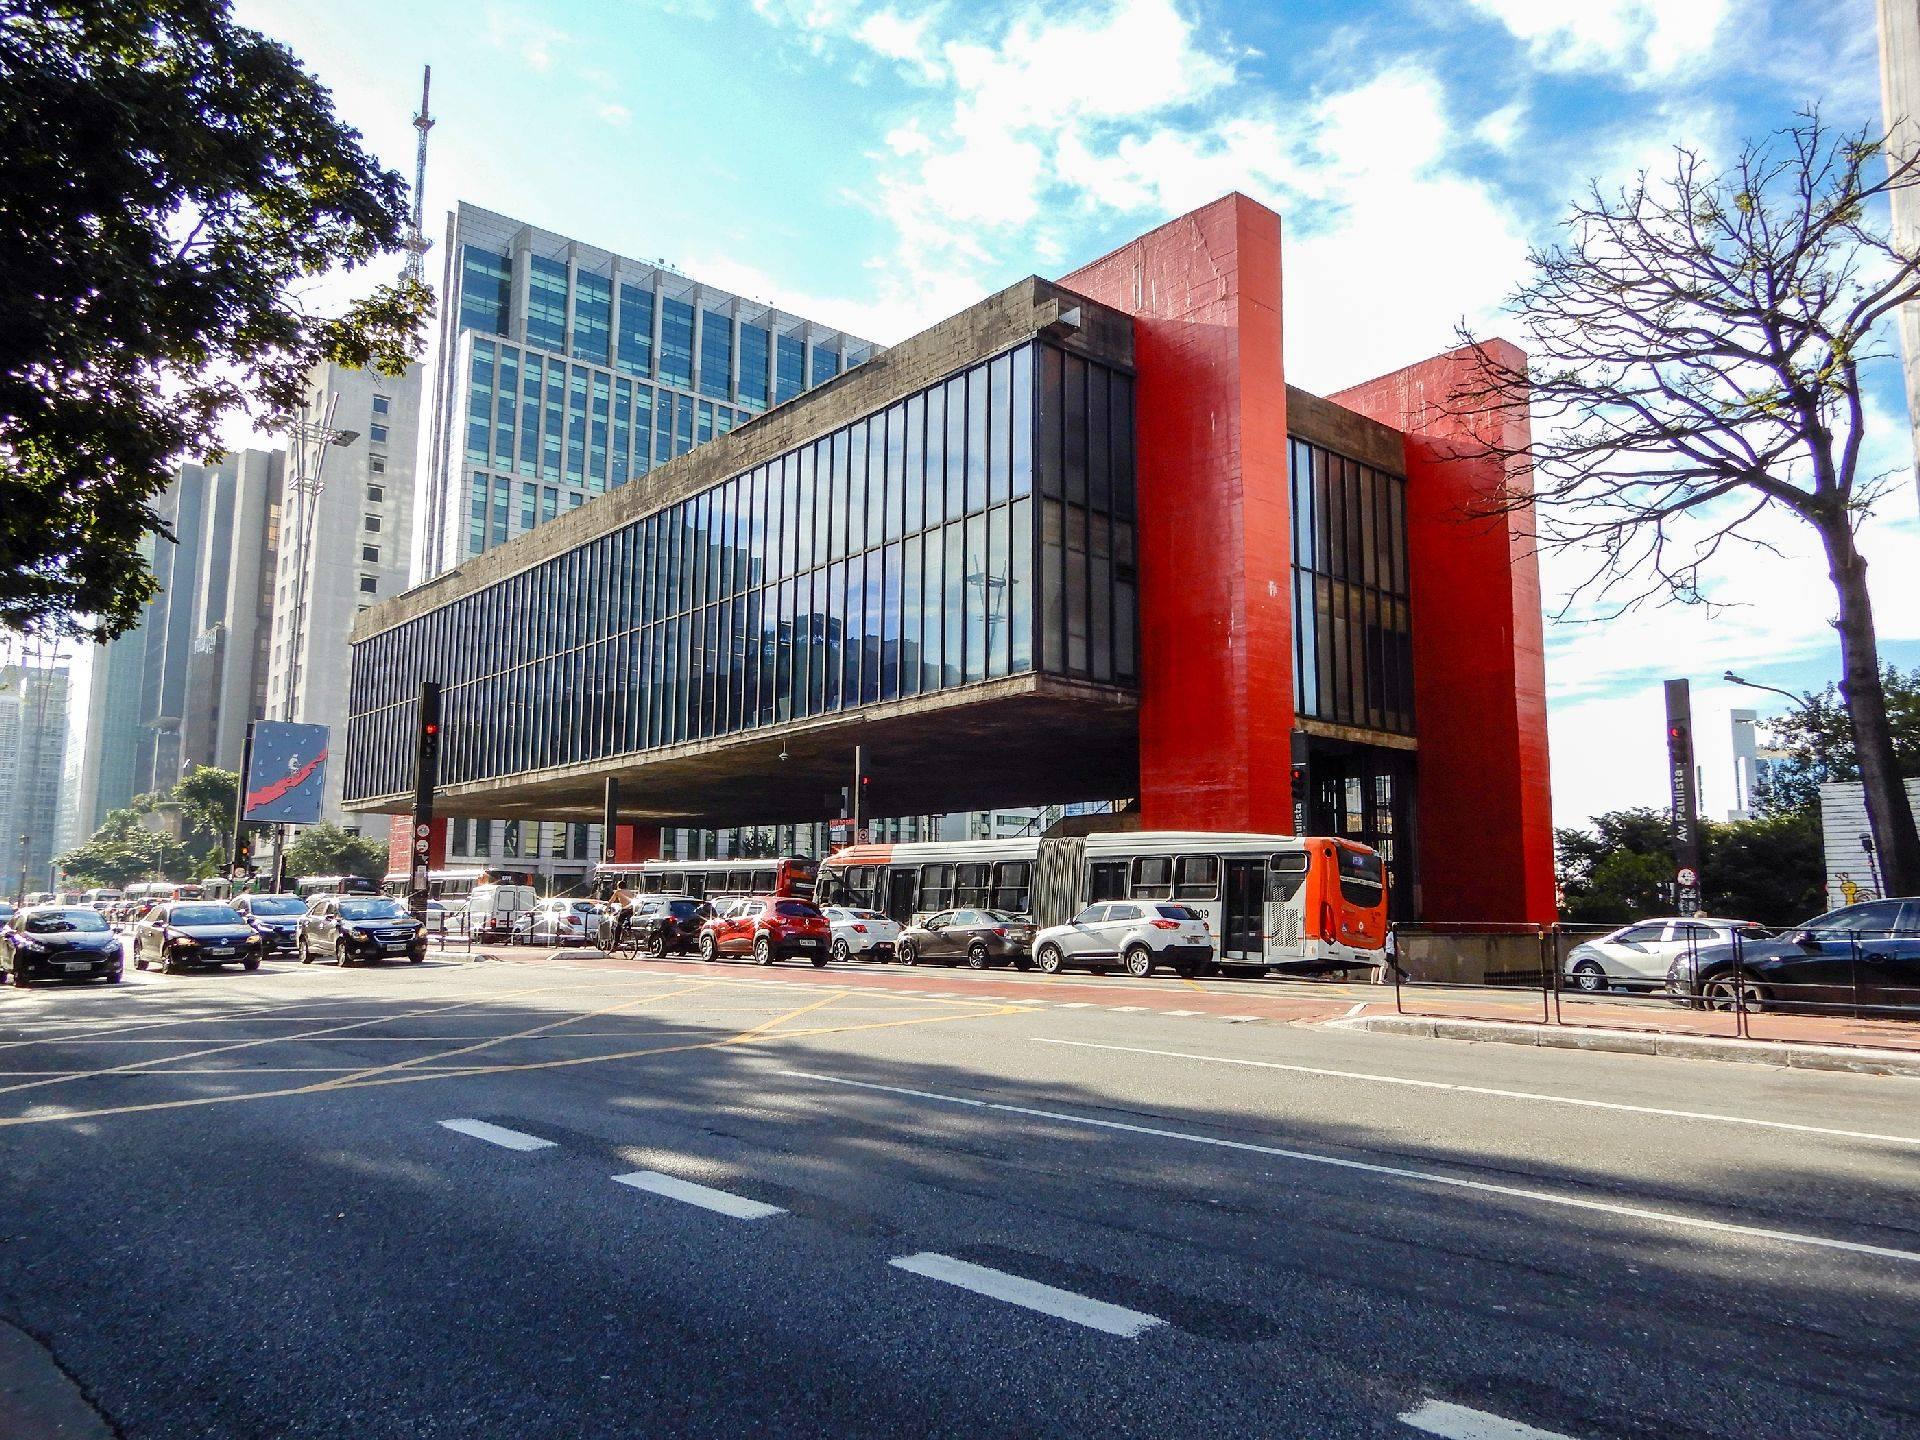 Normalmente com uma média de preços pouco acima de R$ 100, o trecho São Paulo - Curitiba sai por R$ 70 até setembro. Foto: Bigstock